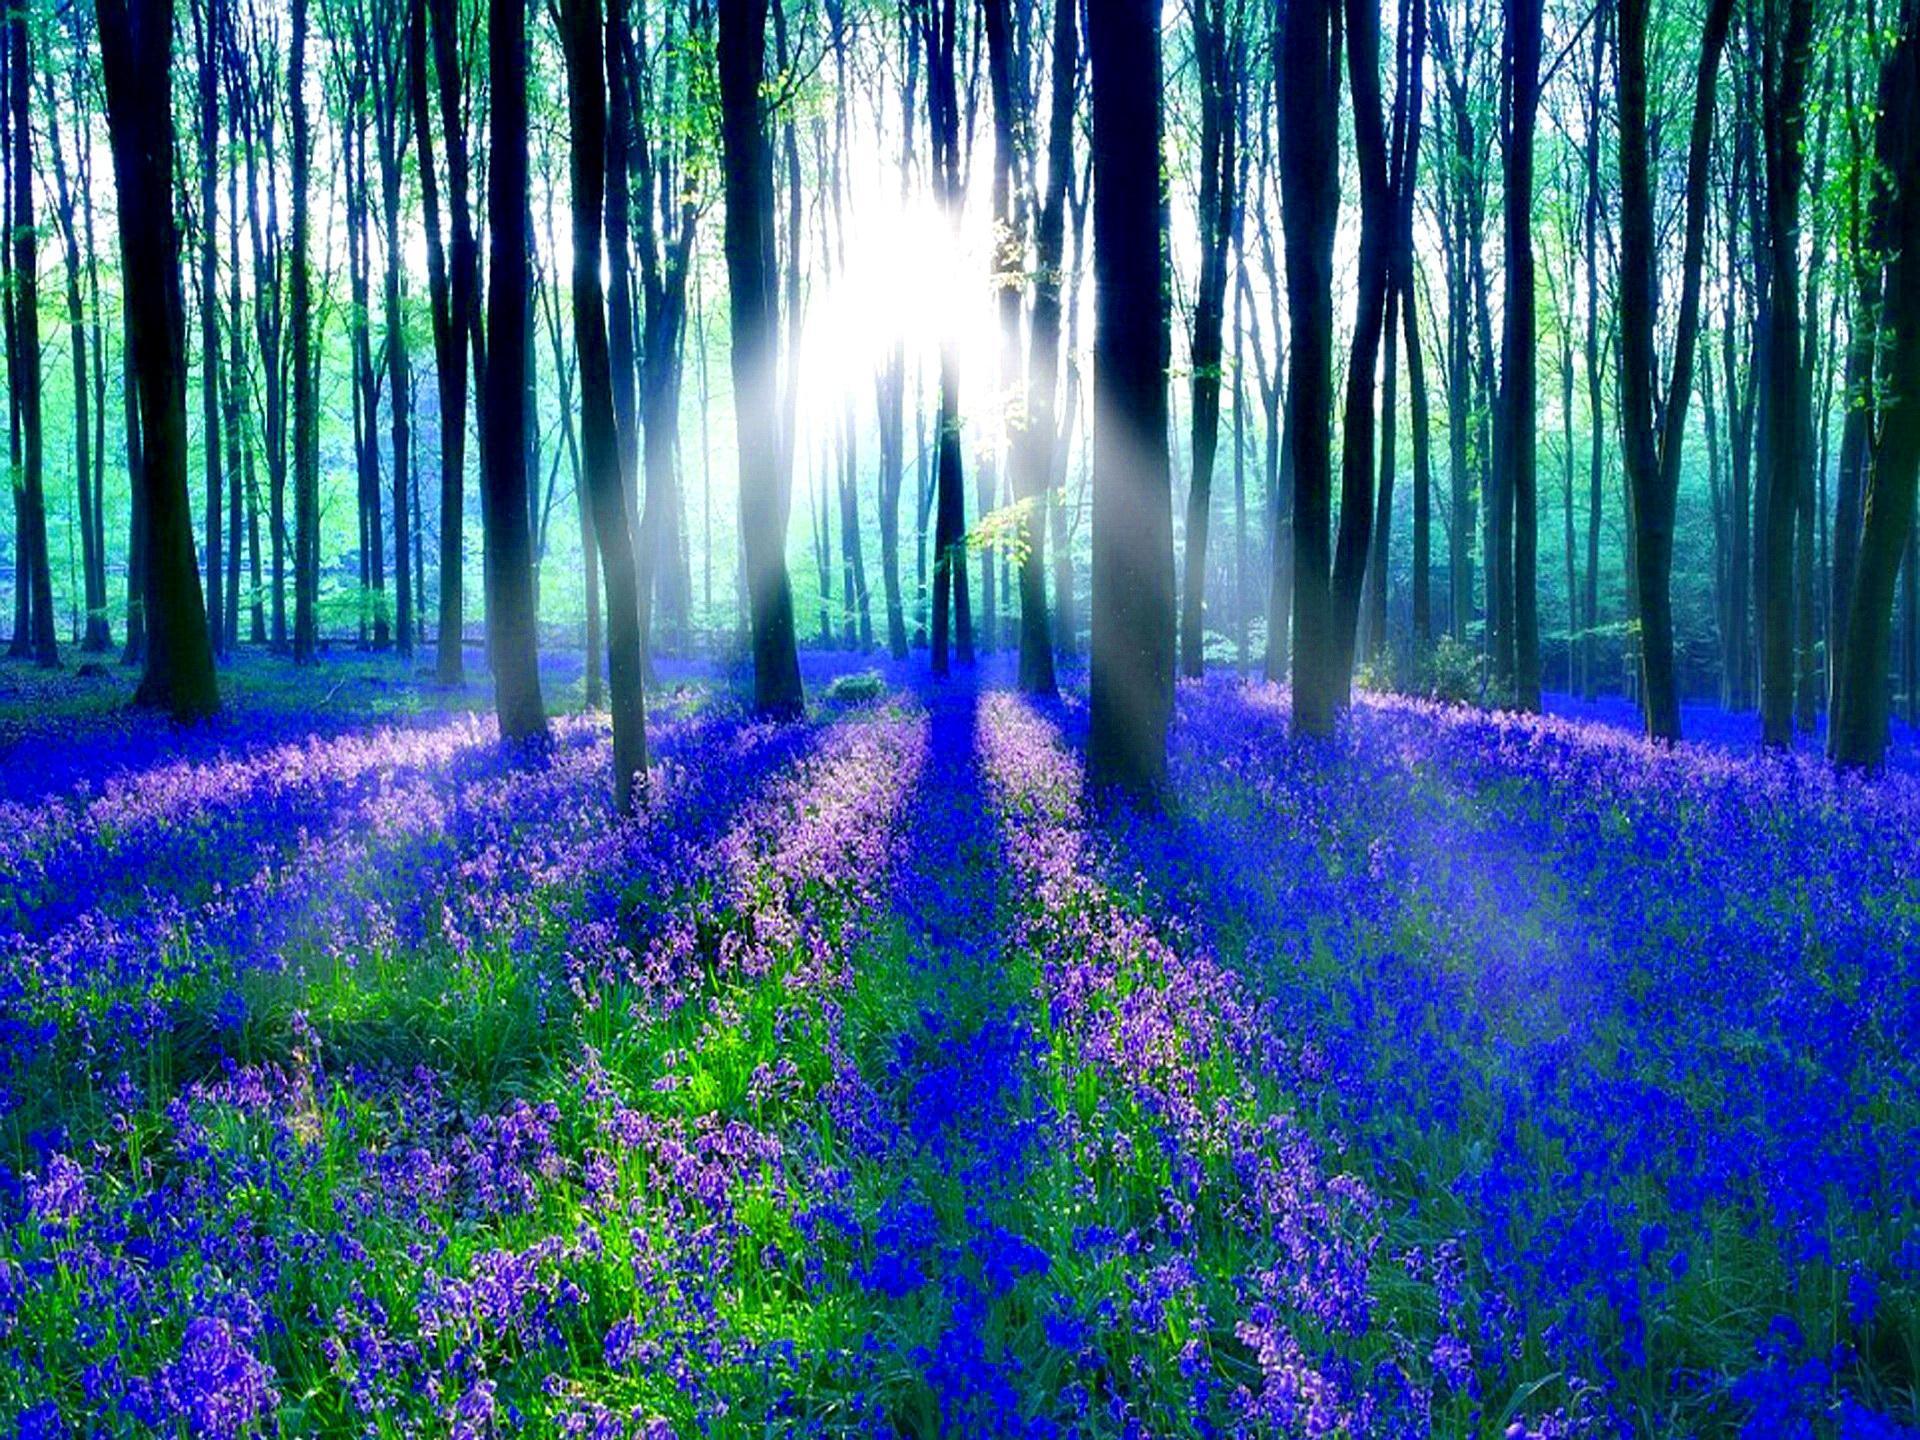 Bluebell Wood HD desktop wallpaper : Widescreen : High Definition : Fullscreen